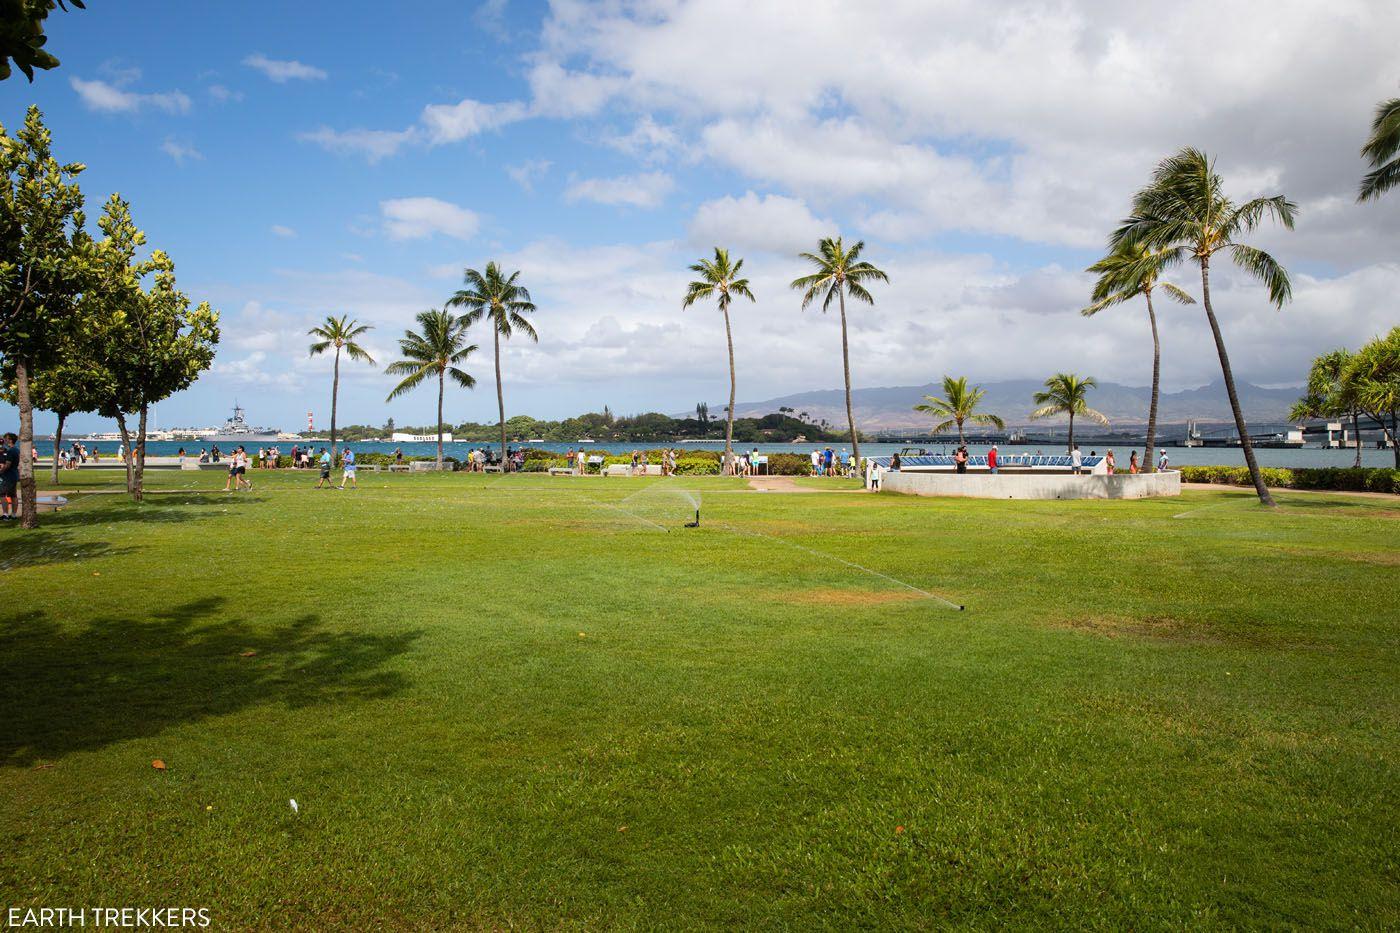 Pearl Harbor Outdoor Exhibits